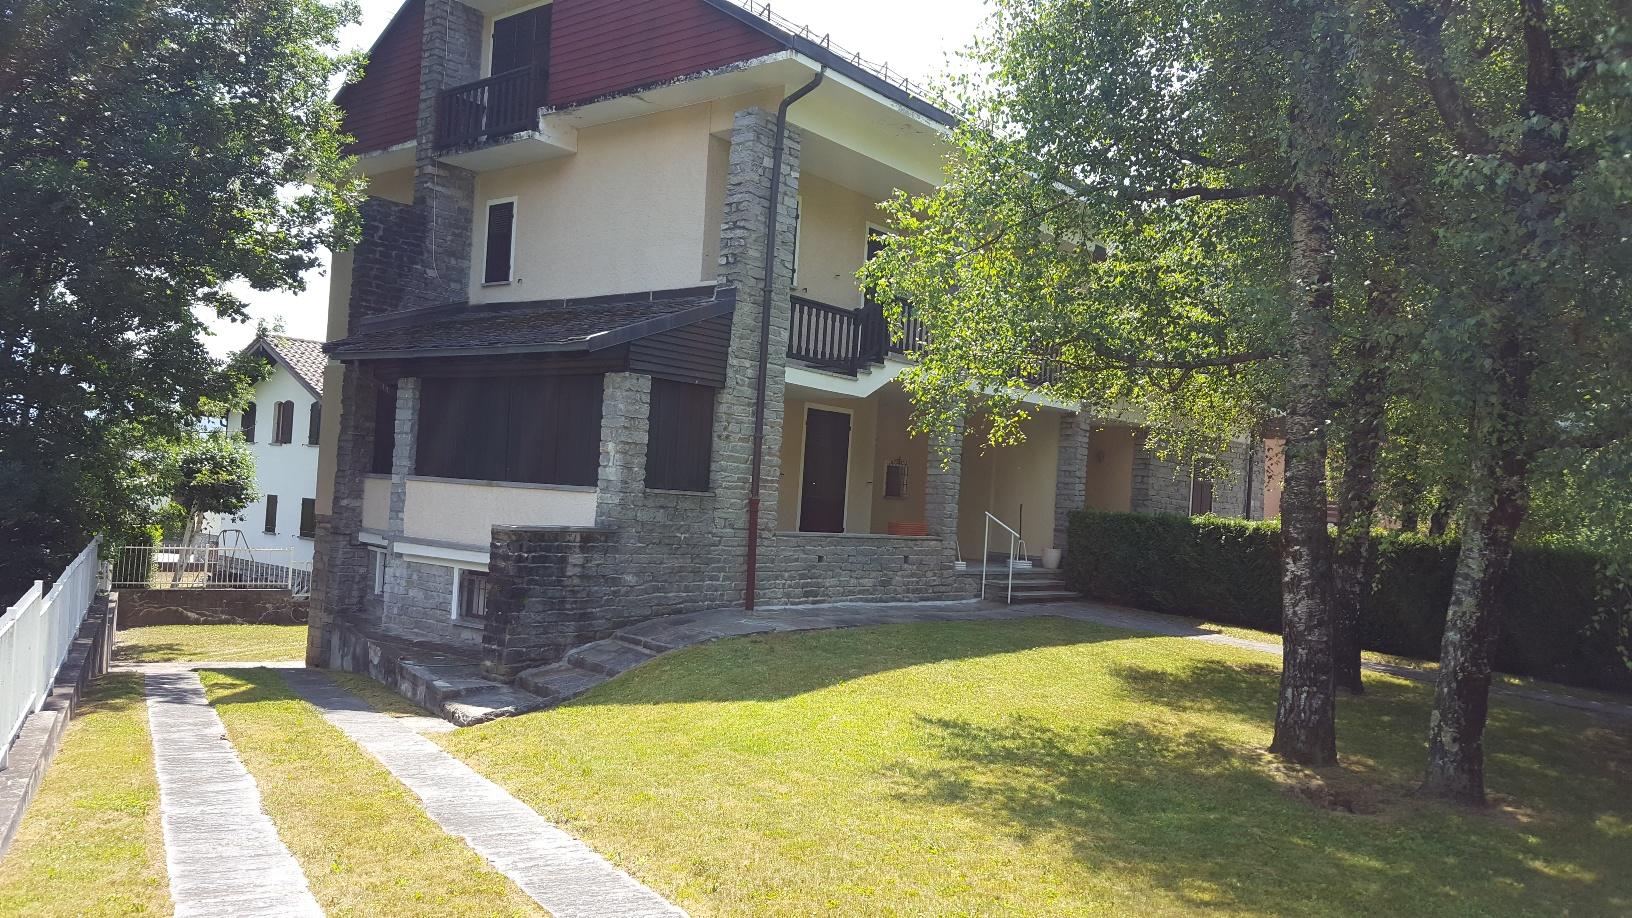 Villa bifamiliare vicino al centro abitato